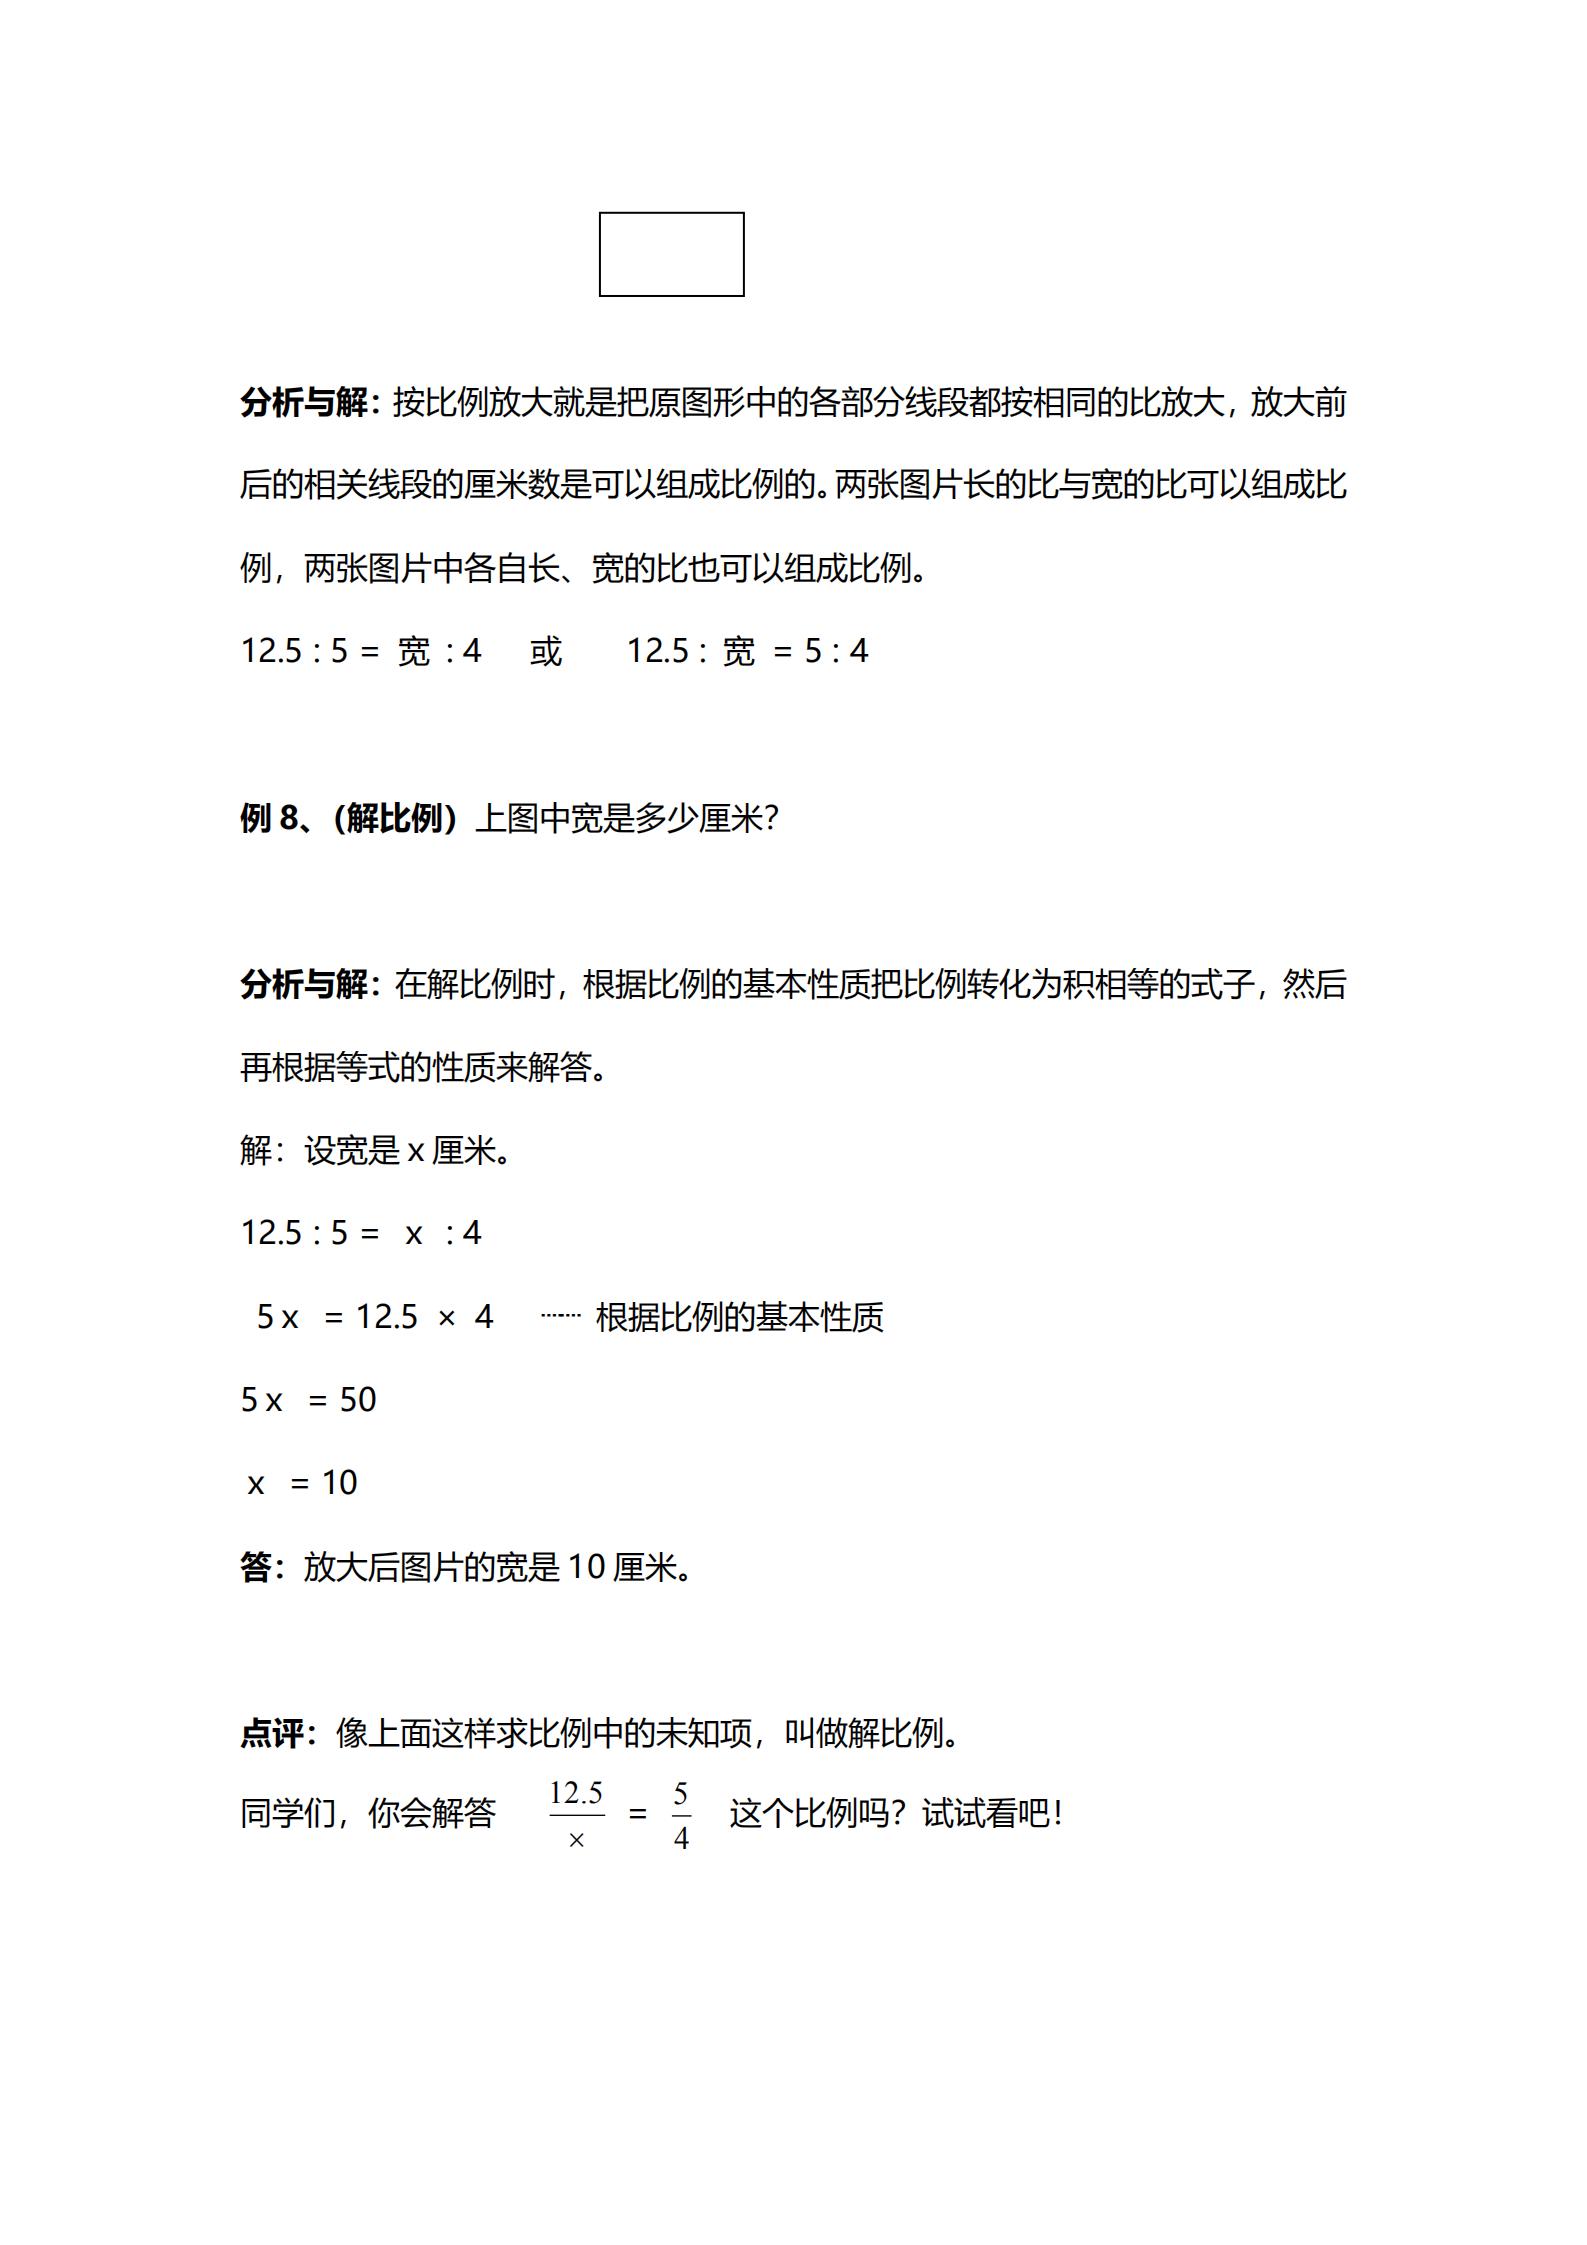 【数学】高频考点-四大专题知识点精选题_20.png